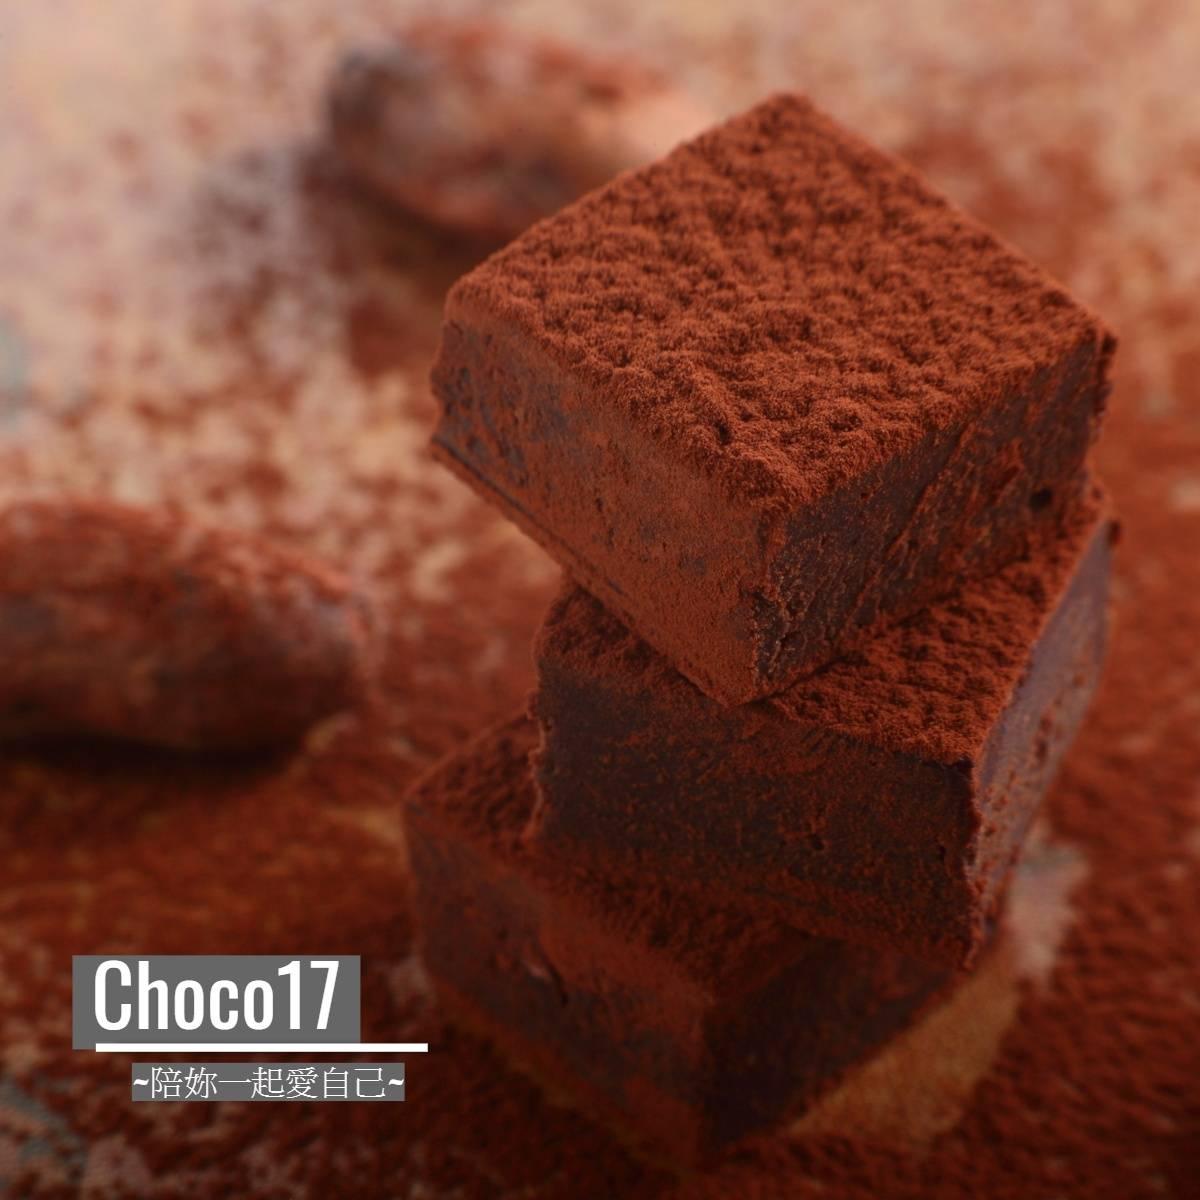 經典生巧克力❤1分鐘狂賣4盒❤口味任選2盒 第二件79折【Choco17 香謝17巧克力】巧克力專賣 | 領卷滿1000現折100 1